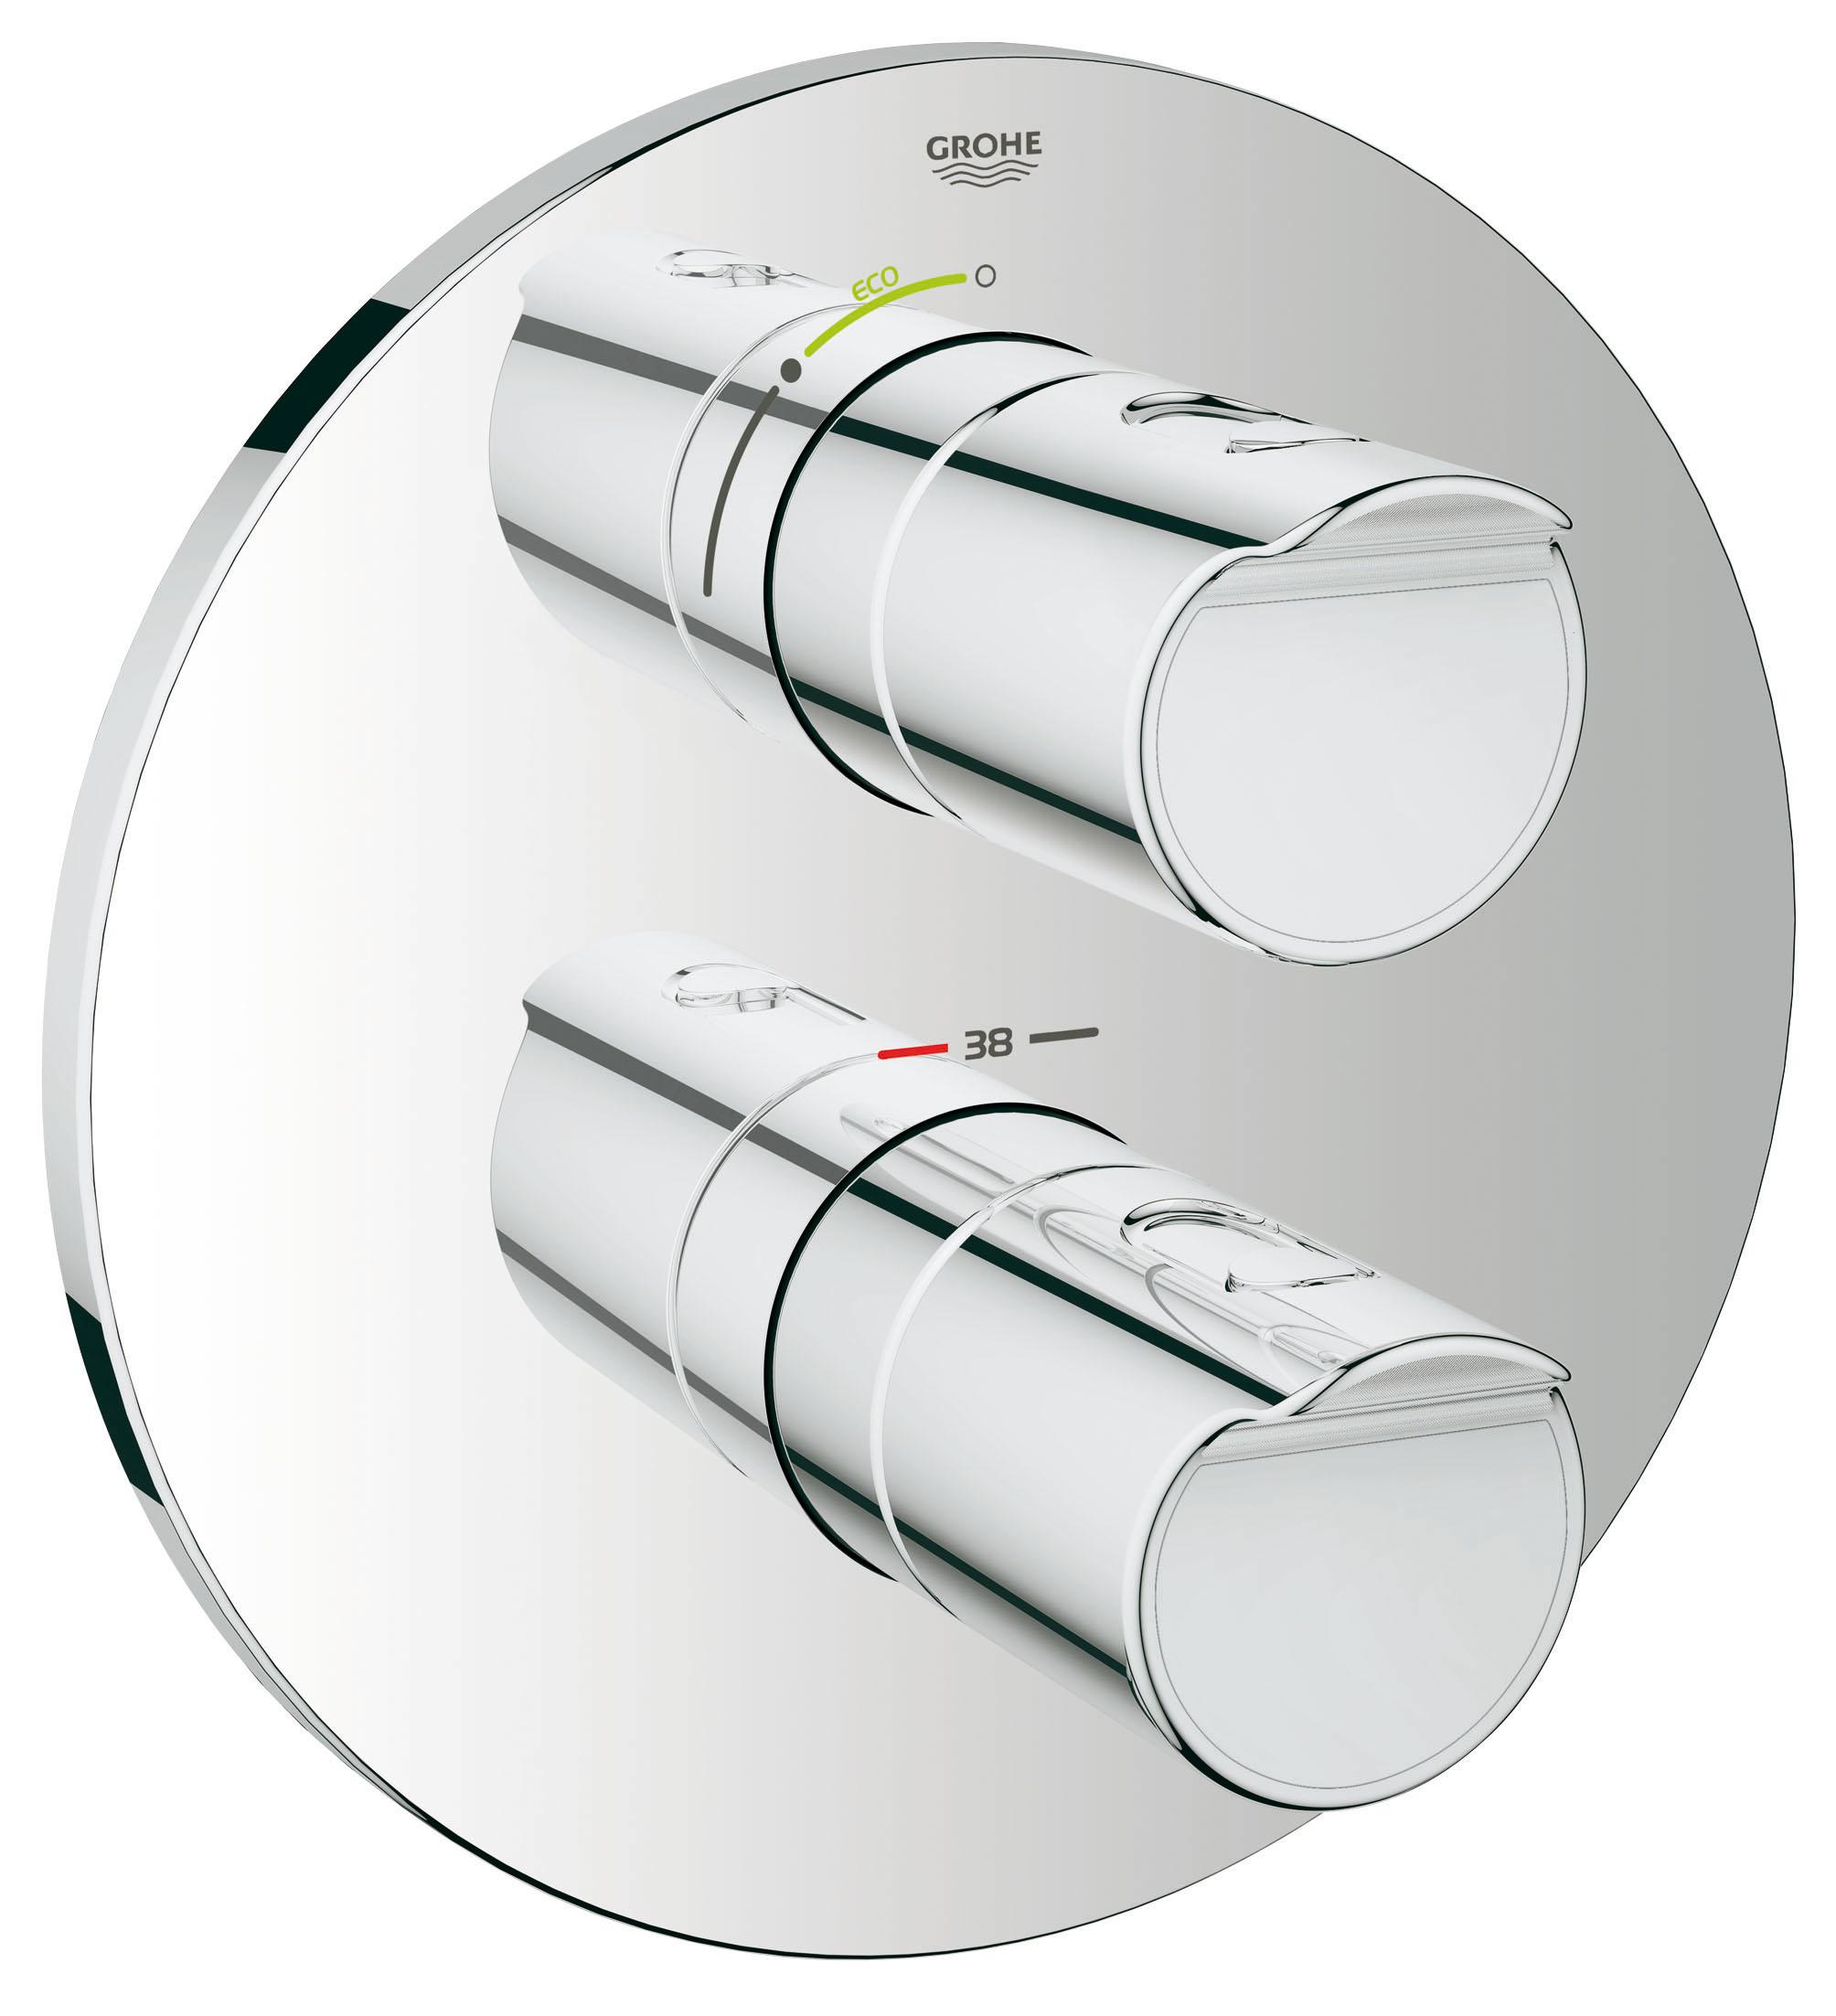 Термостатический смеситель для душа GROHE Grohtherm 2000 (внешняя панель для арт. 35500000) (19354001)  смеситель термостатический grohe 34174001 grohtherm 2000